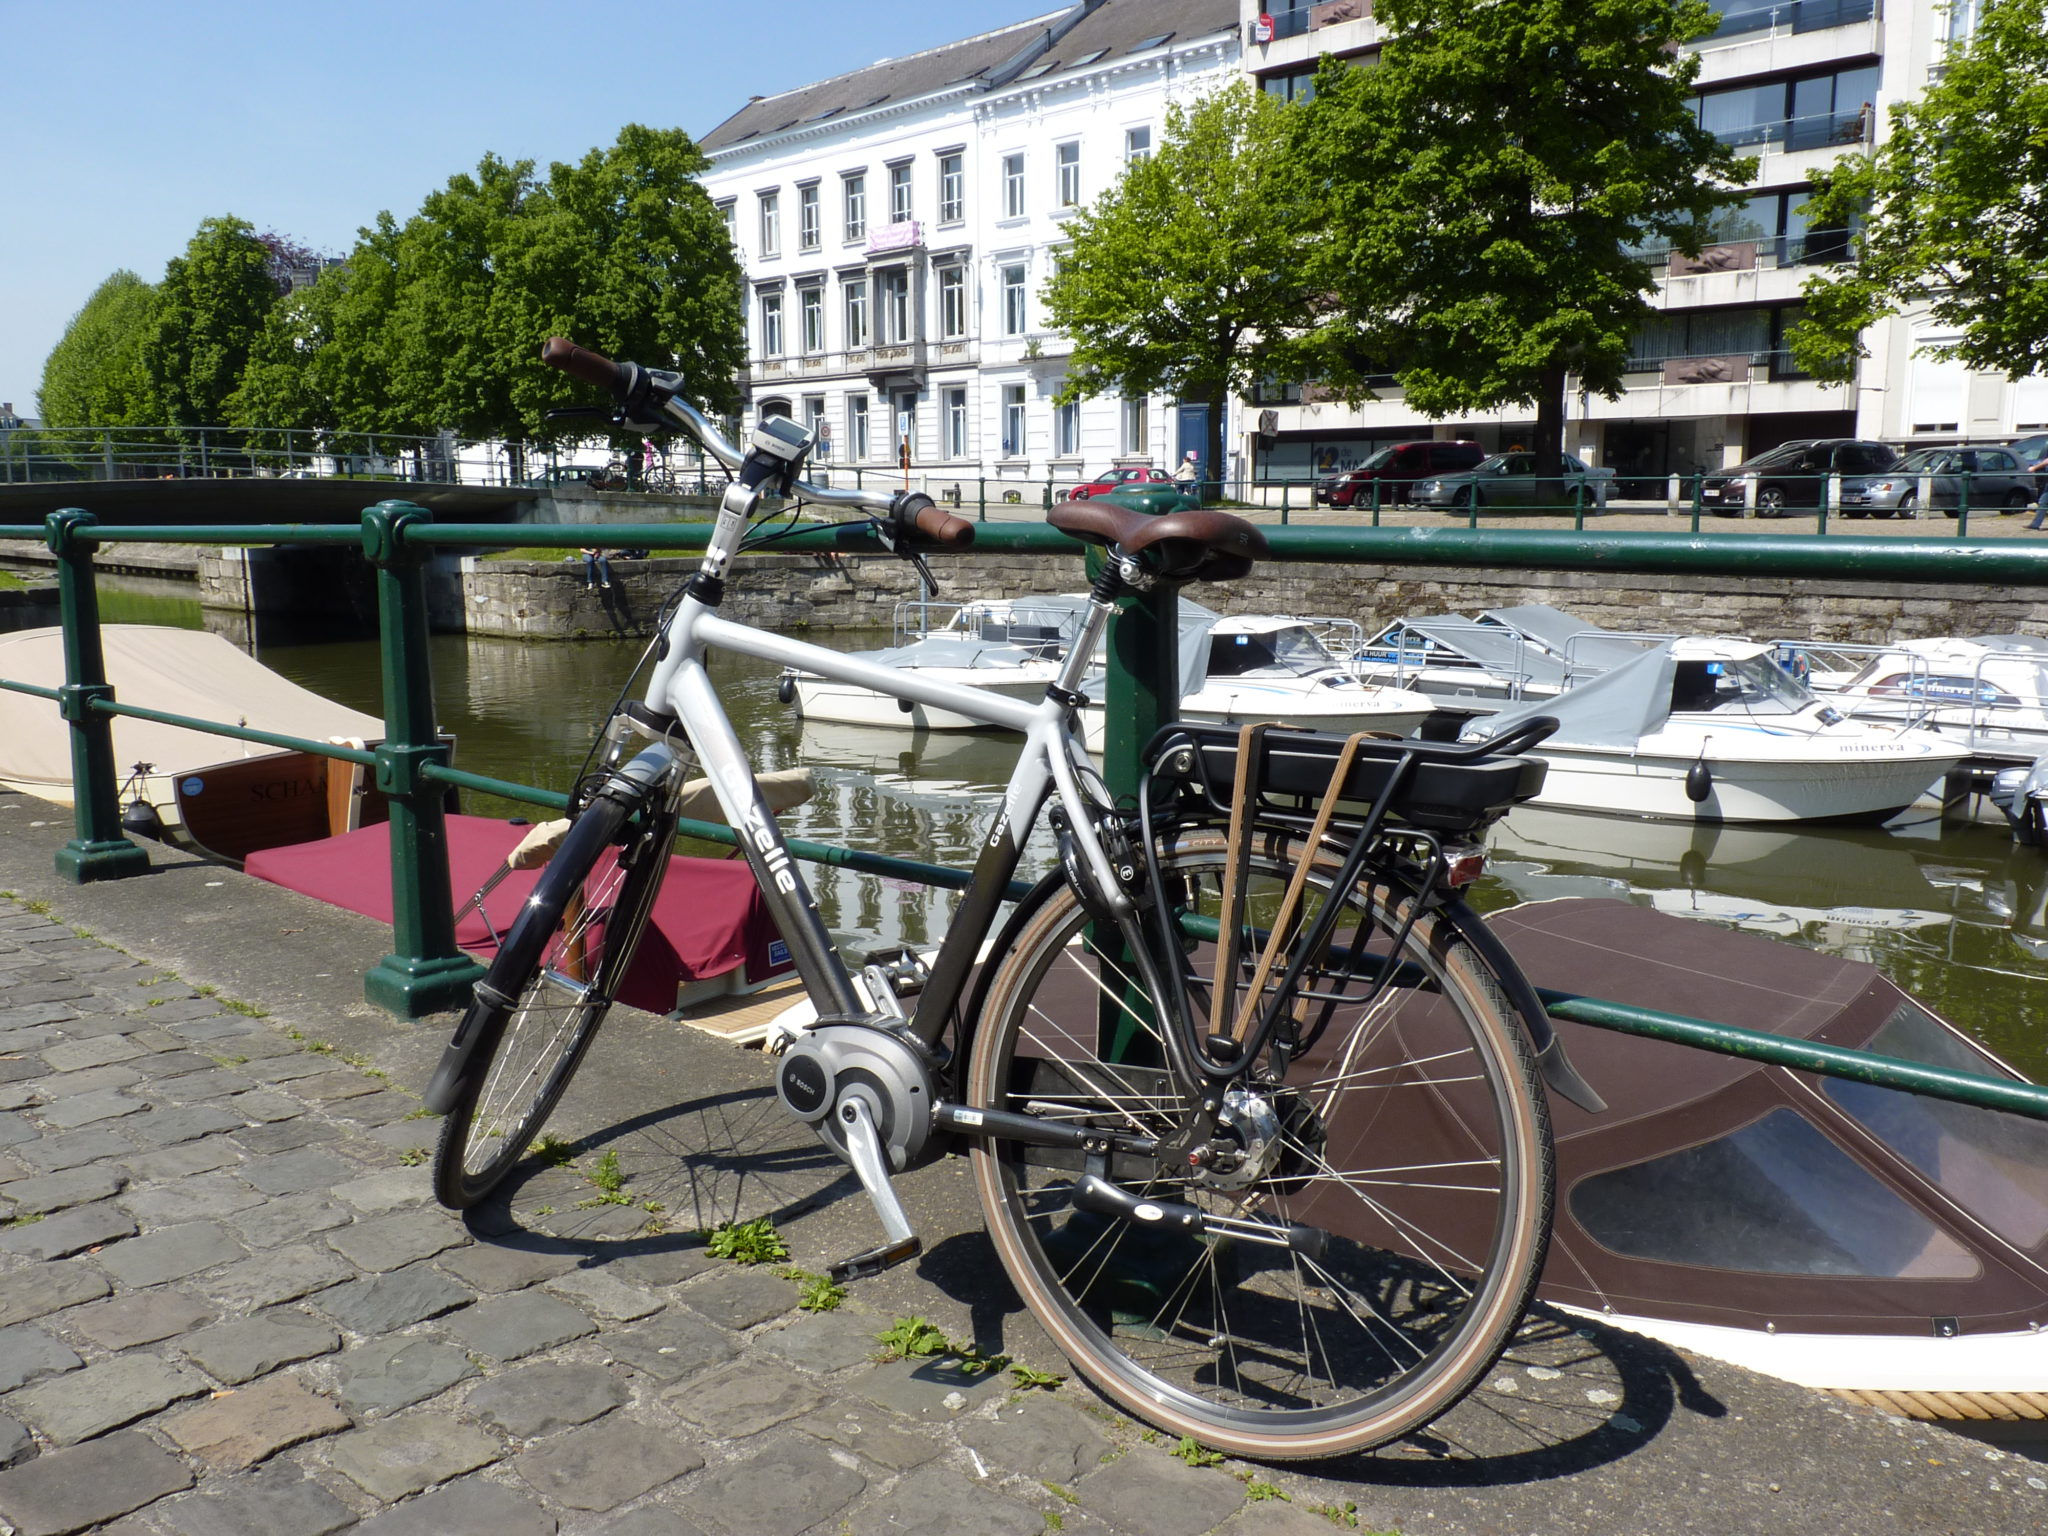 Is jou fiets een reglementaire fiets?